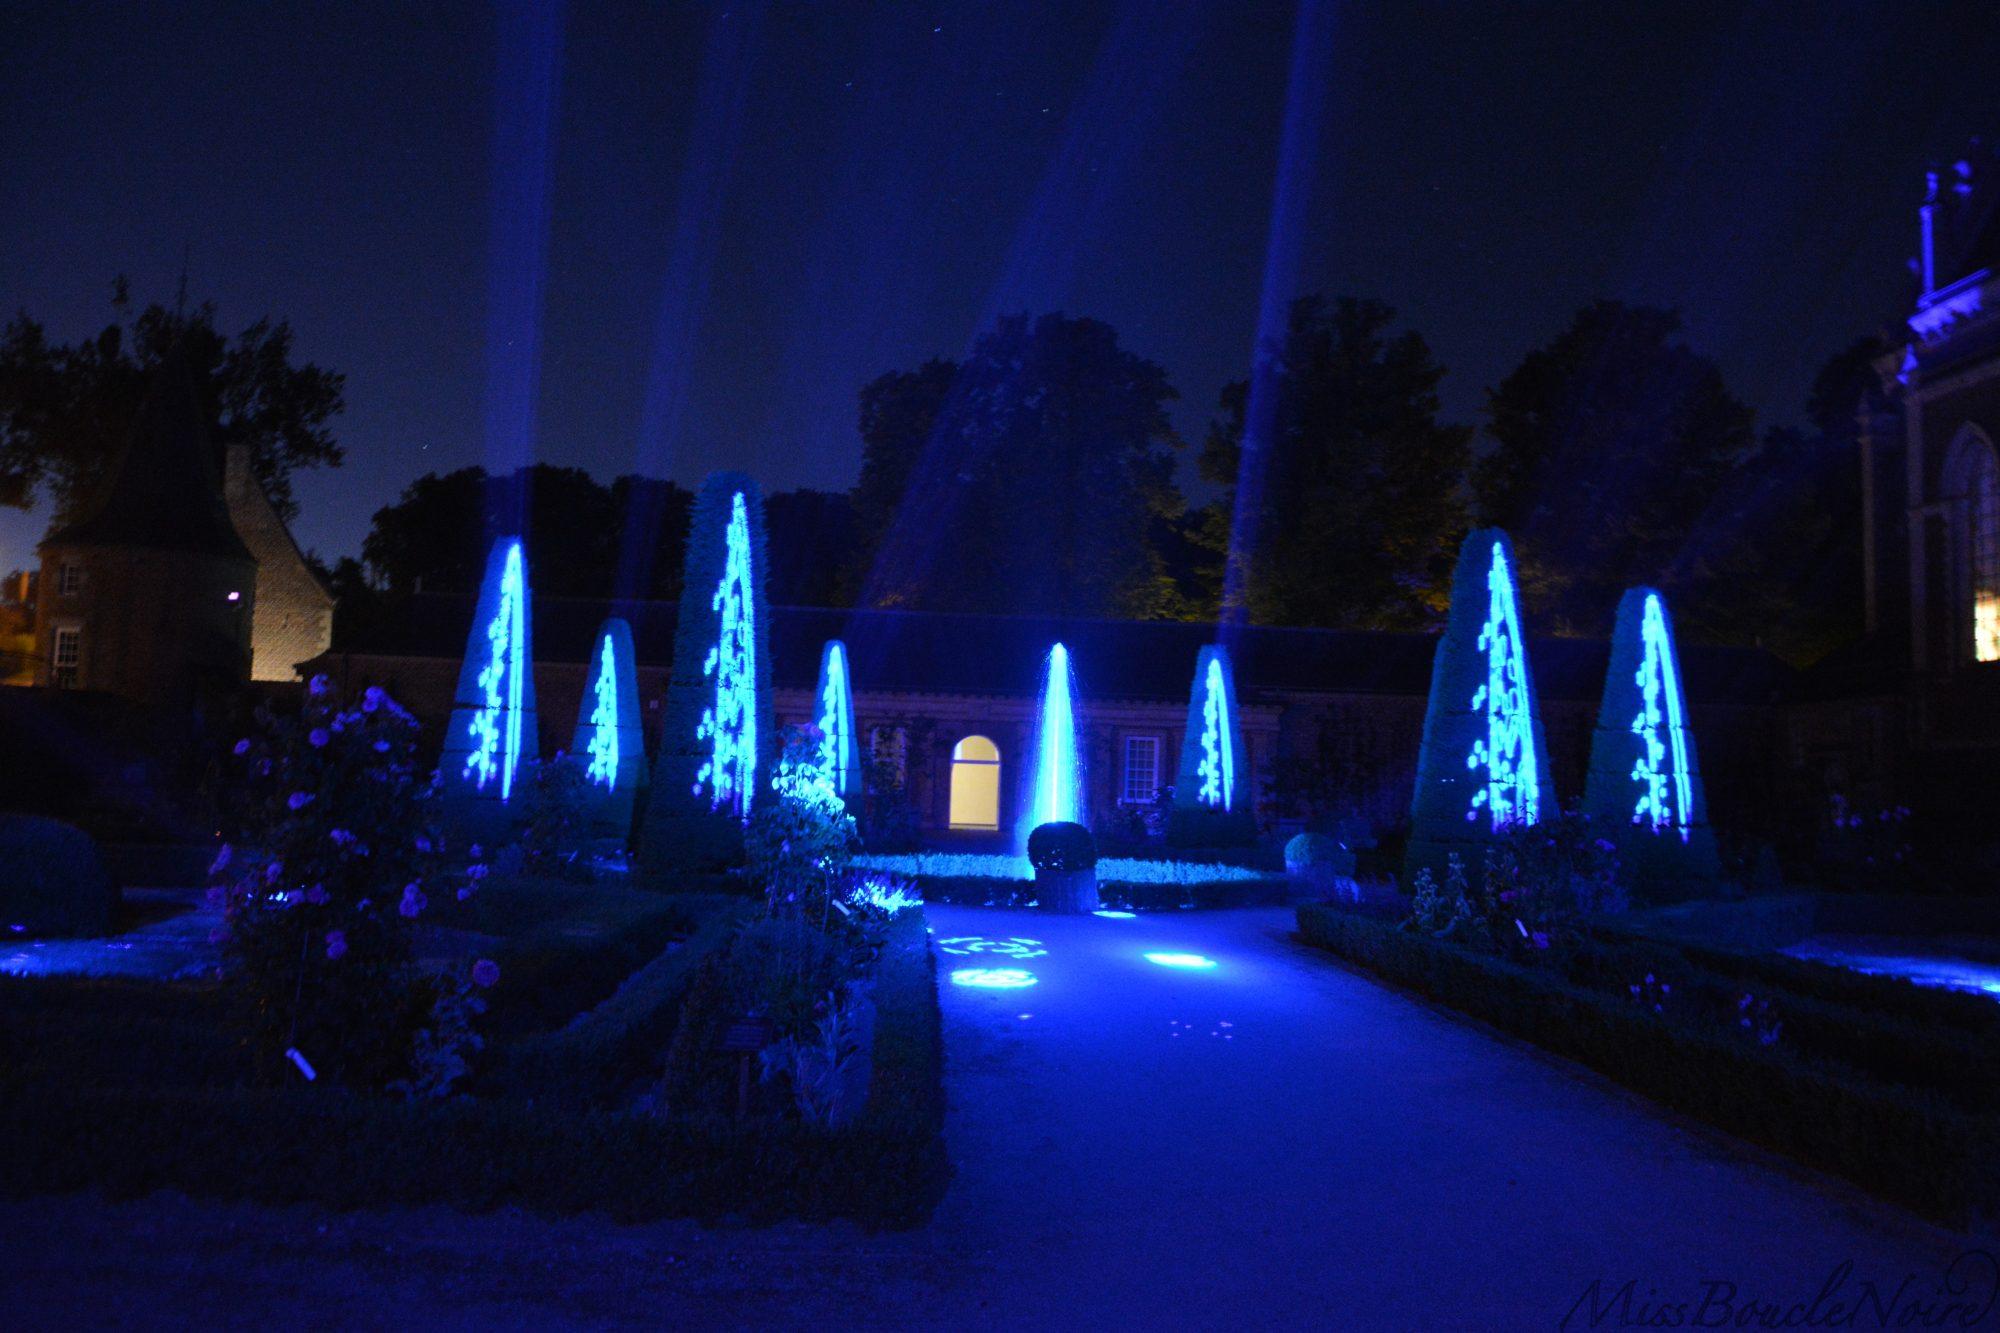 Un petit avant goût du bouquet final avec des jeux de lumières impressionant dans le jardin des orangerie du château d'Alden Biesen.